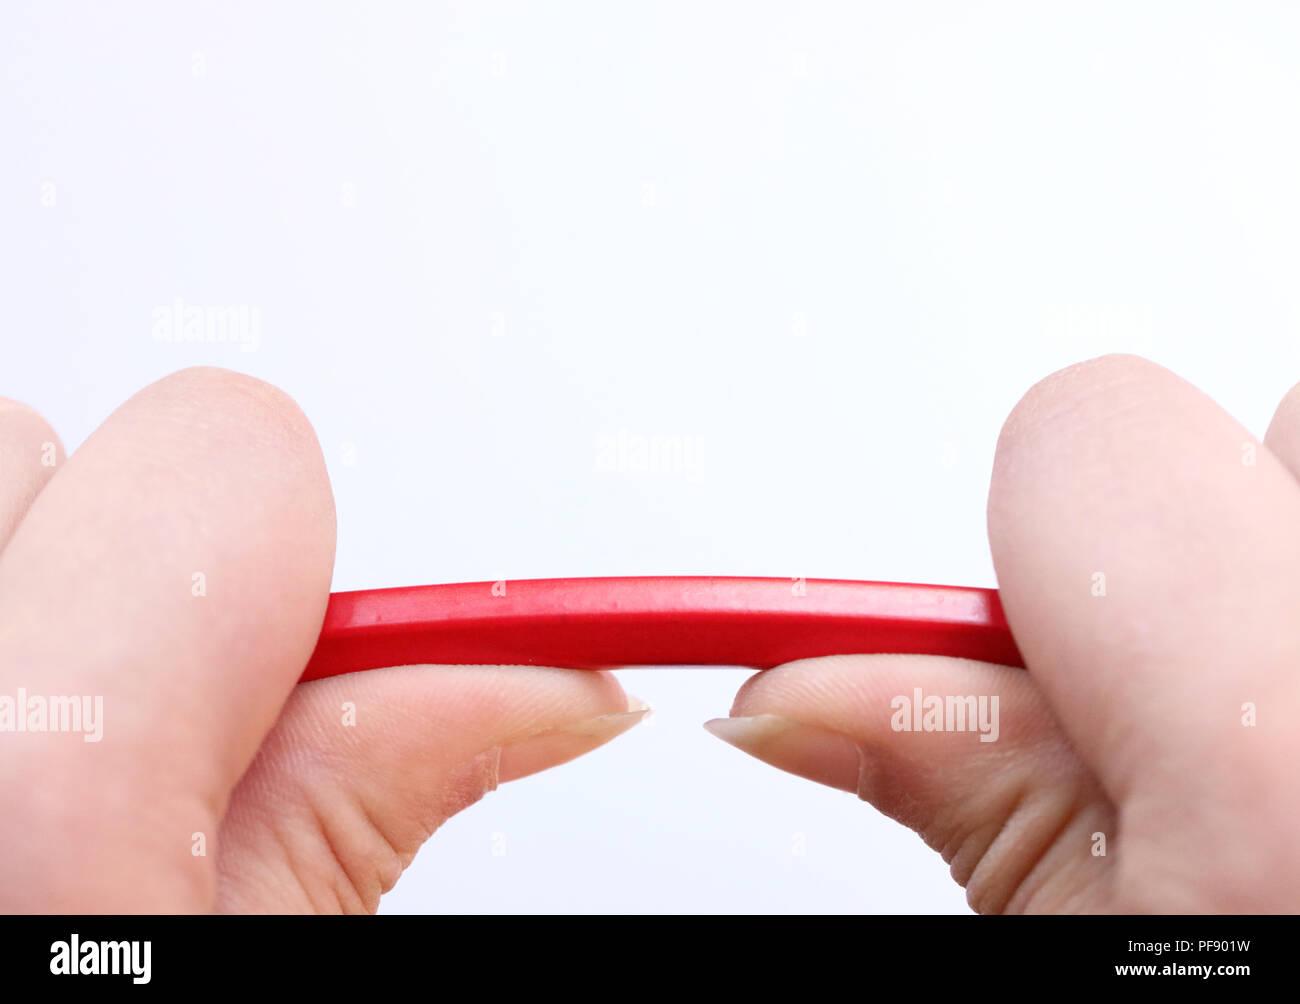 Dos manos sosteniendo un lápiz rojo sobre encaje bajo la presión. Concepto de estrés, manejo de la ira, la presión en el lugar de trabajo, la crianza de los hijos y breakd Imagen De Stock